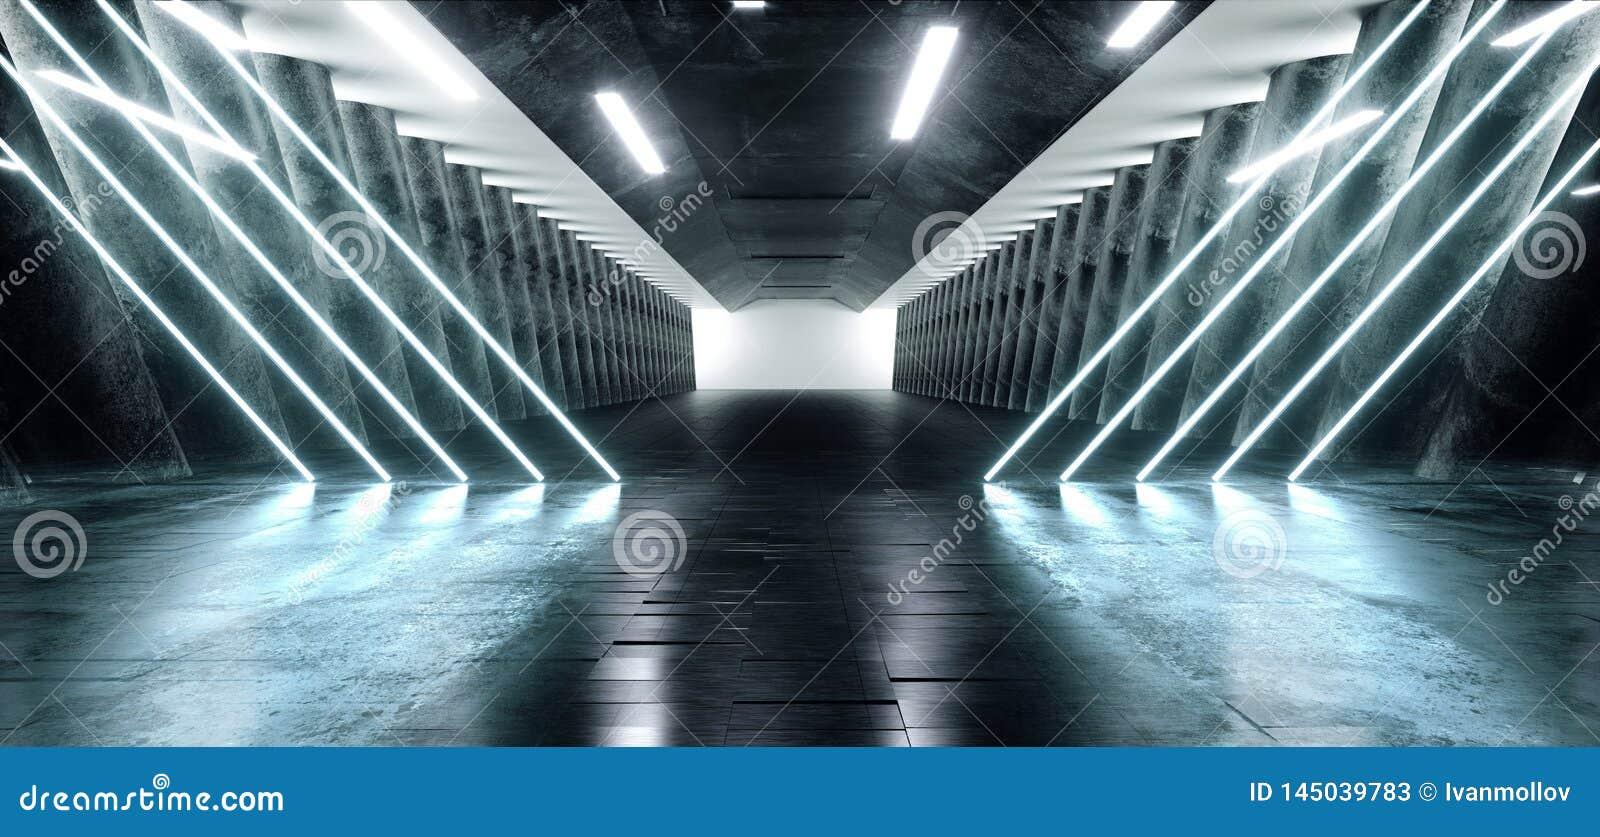 Grunge конкретный длинный Hall Sci Fi отражения лазерных лучей дневного неона